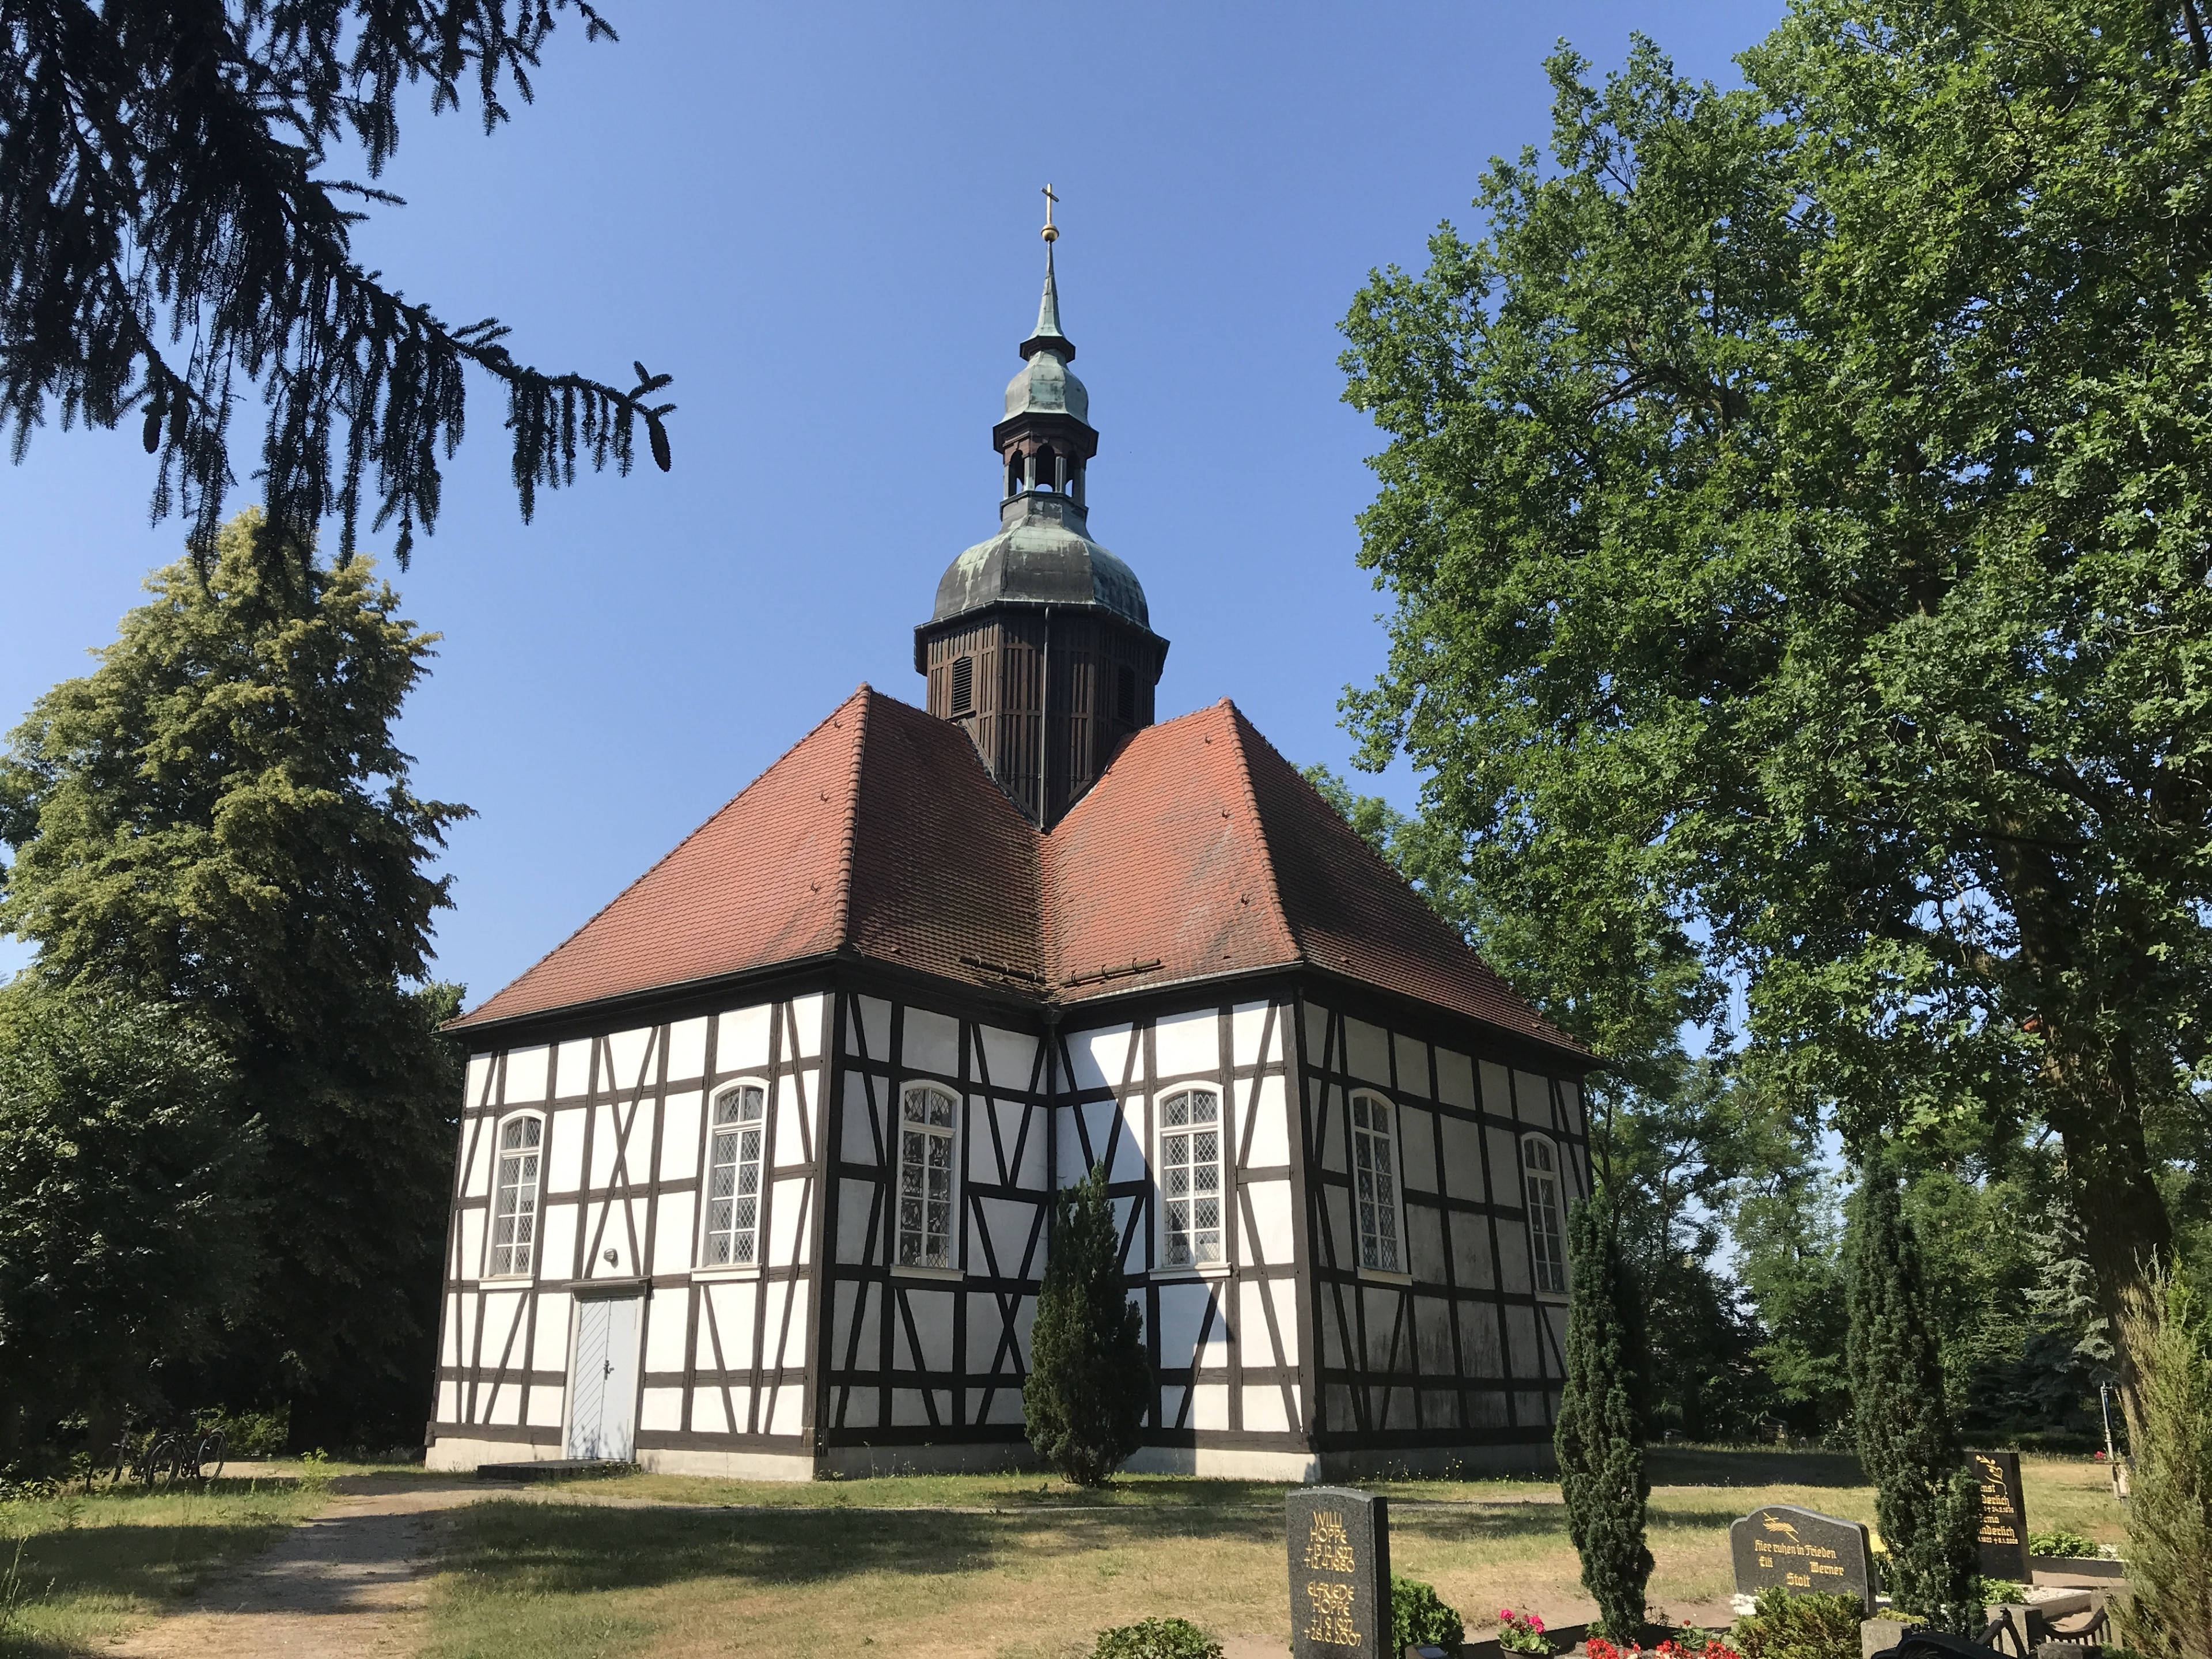 Krausnick-Groß Wasserburg, Brandenburg -regio, Duitsland